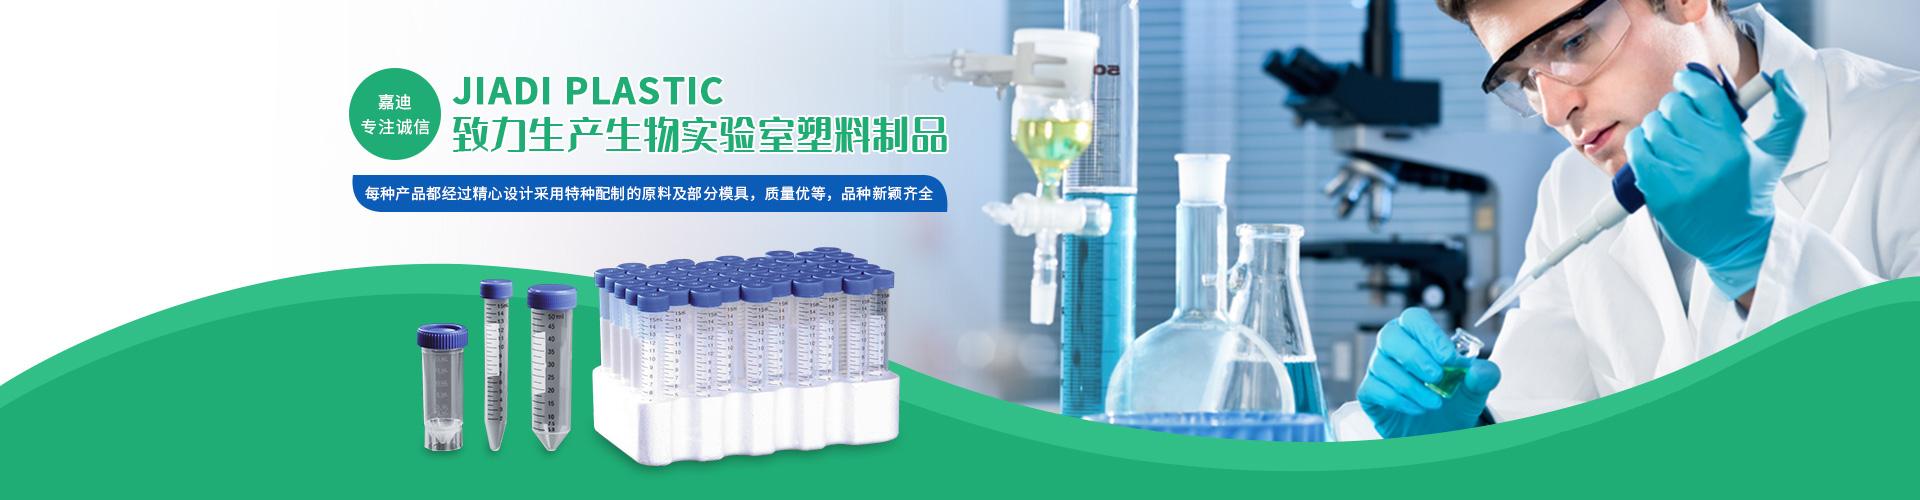 上海嘉迪塑料制品有限公司